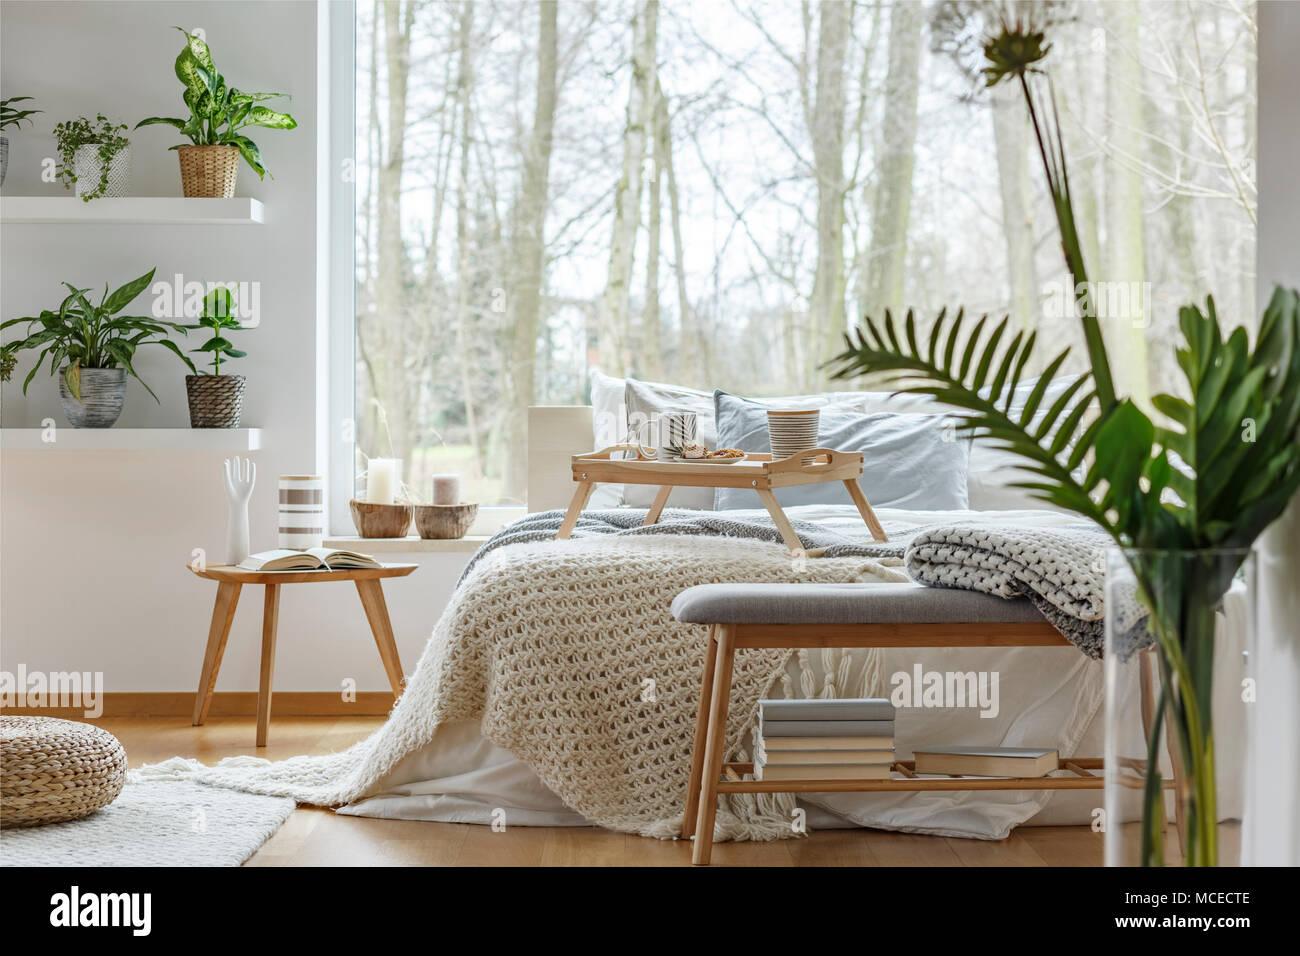 Pflanzen Auf Regal Und Buch Auf Holzernen Tisch Im Gemutlichen Schlafzimmer Mit Bett Gegen Das Fenster Stockfotografie Alamy